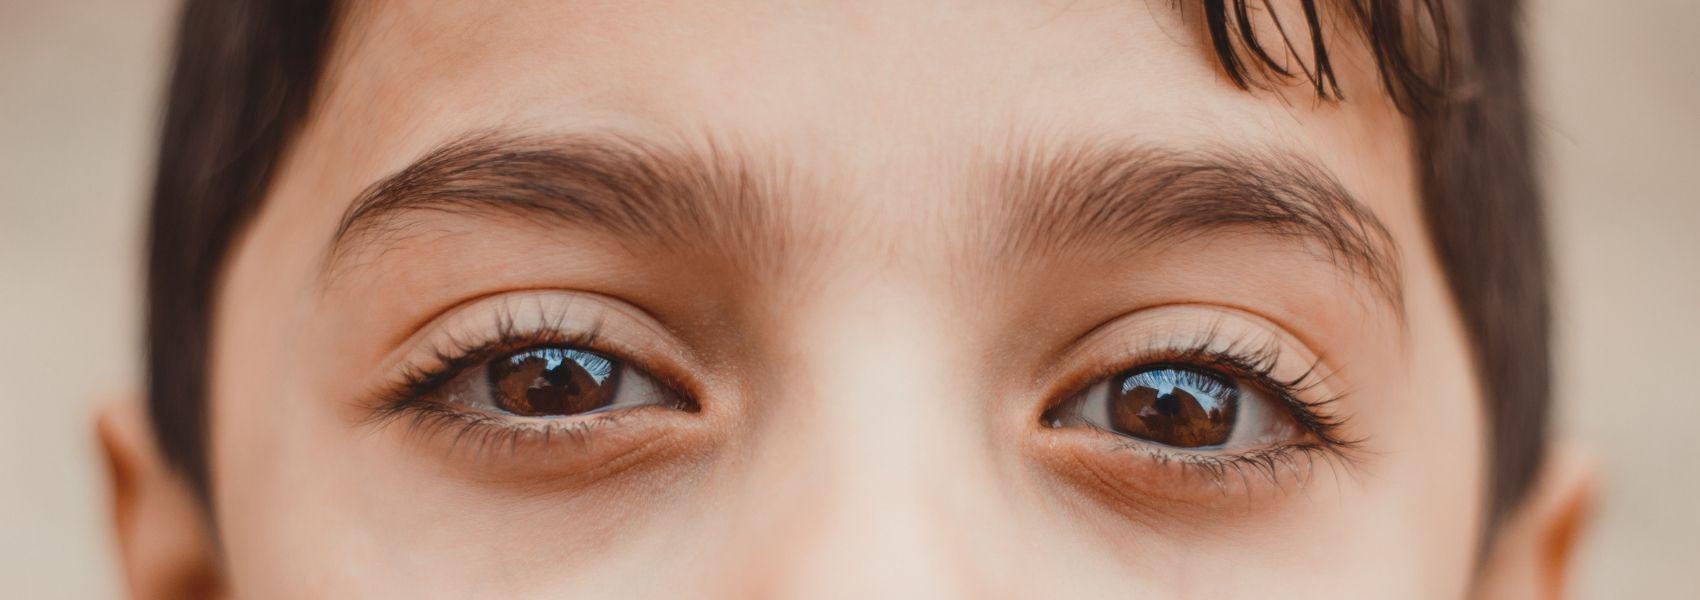 Terapia experimental injetada em um olho melhora inesperadamente a visão no outro